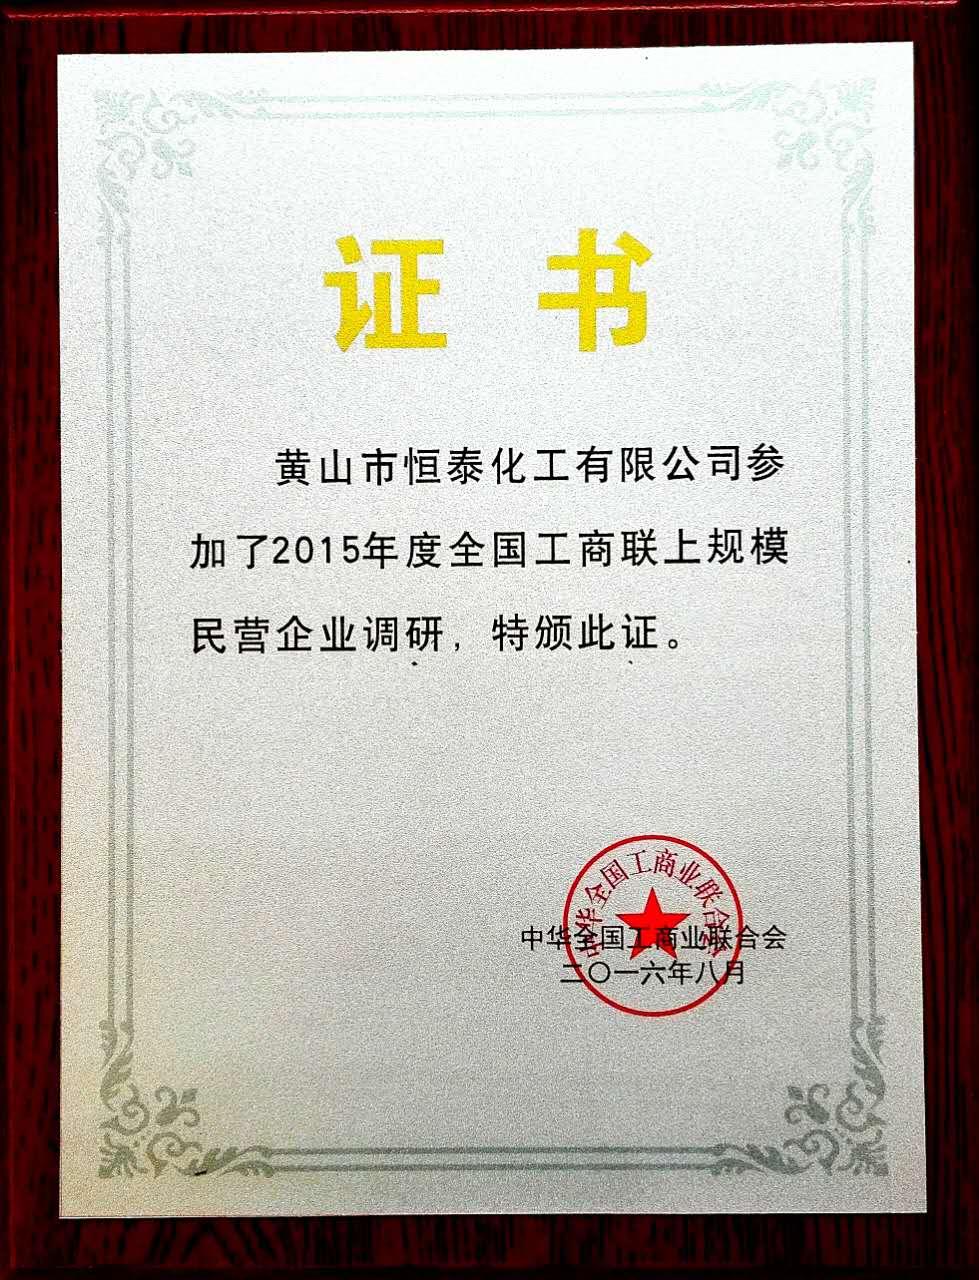 中华全国工商联合会--证书